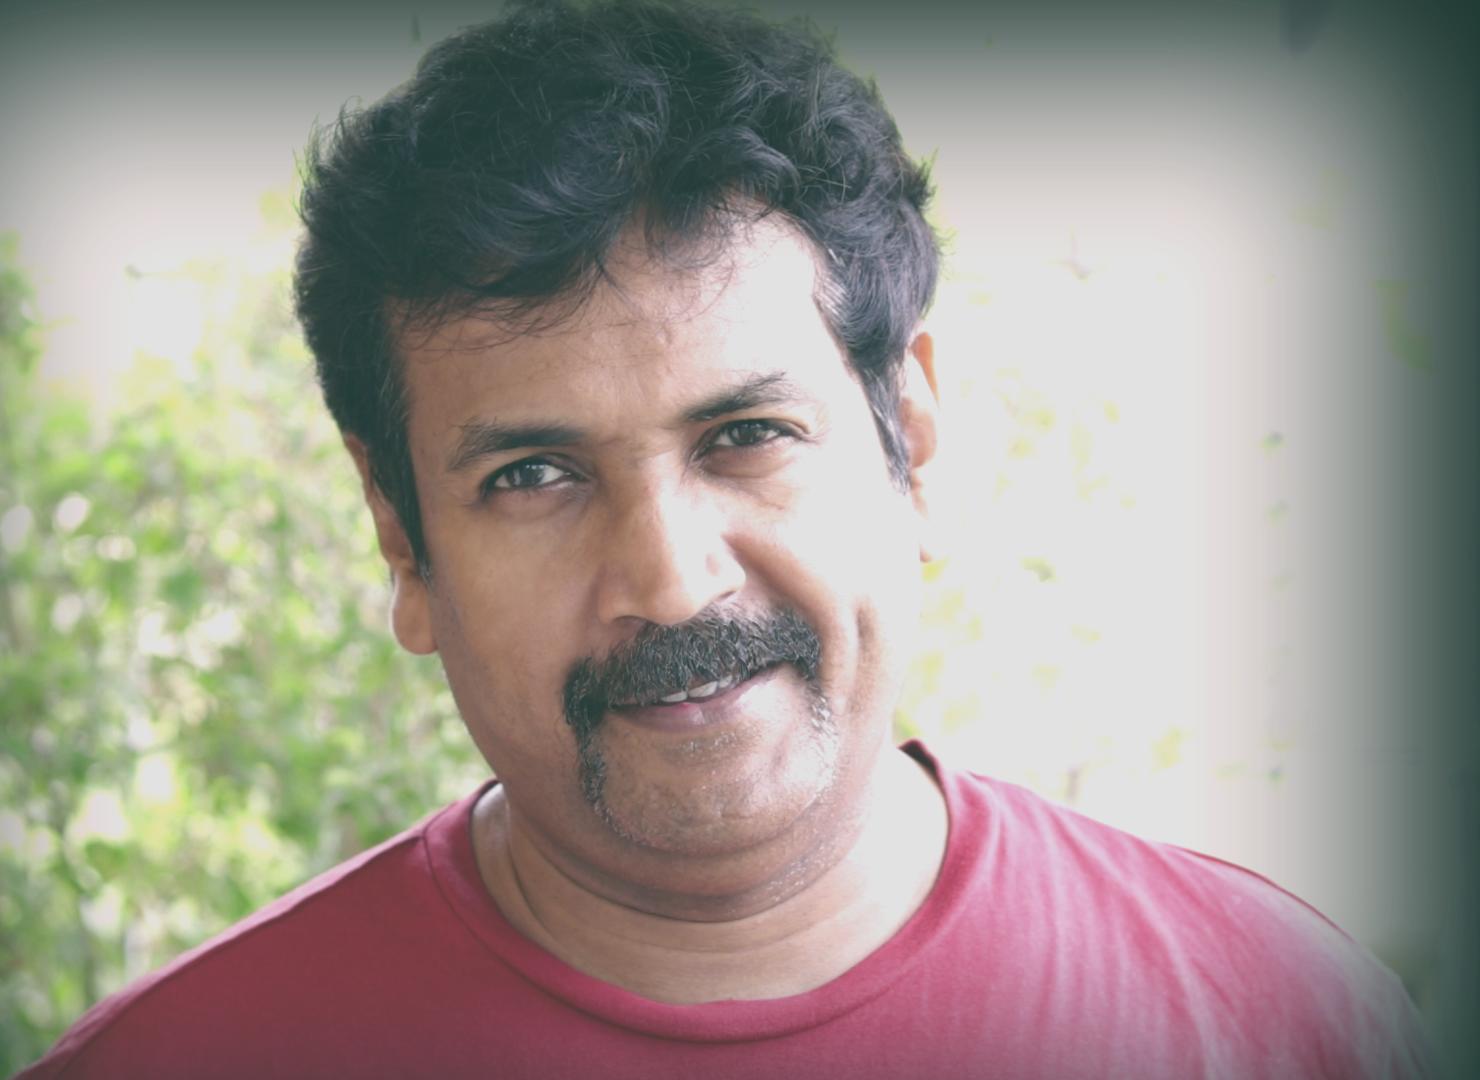 Mr. M Kumar